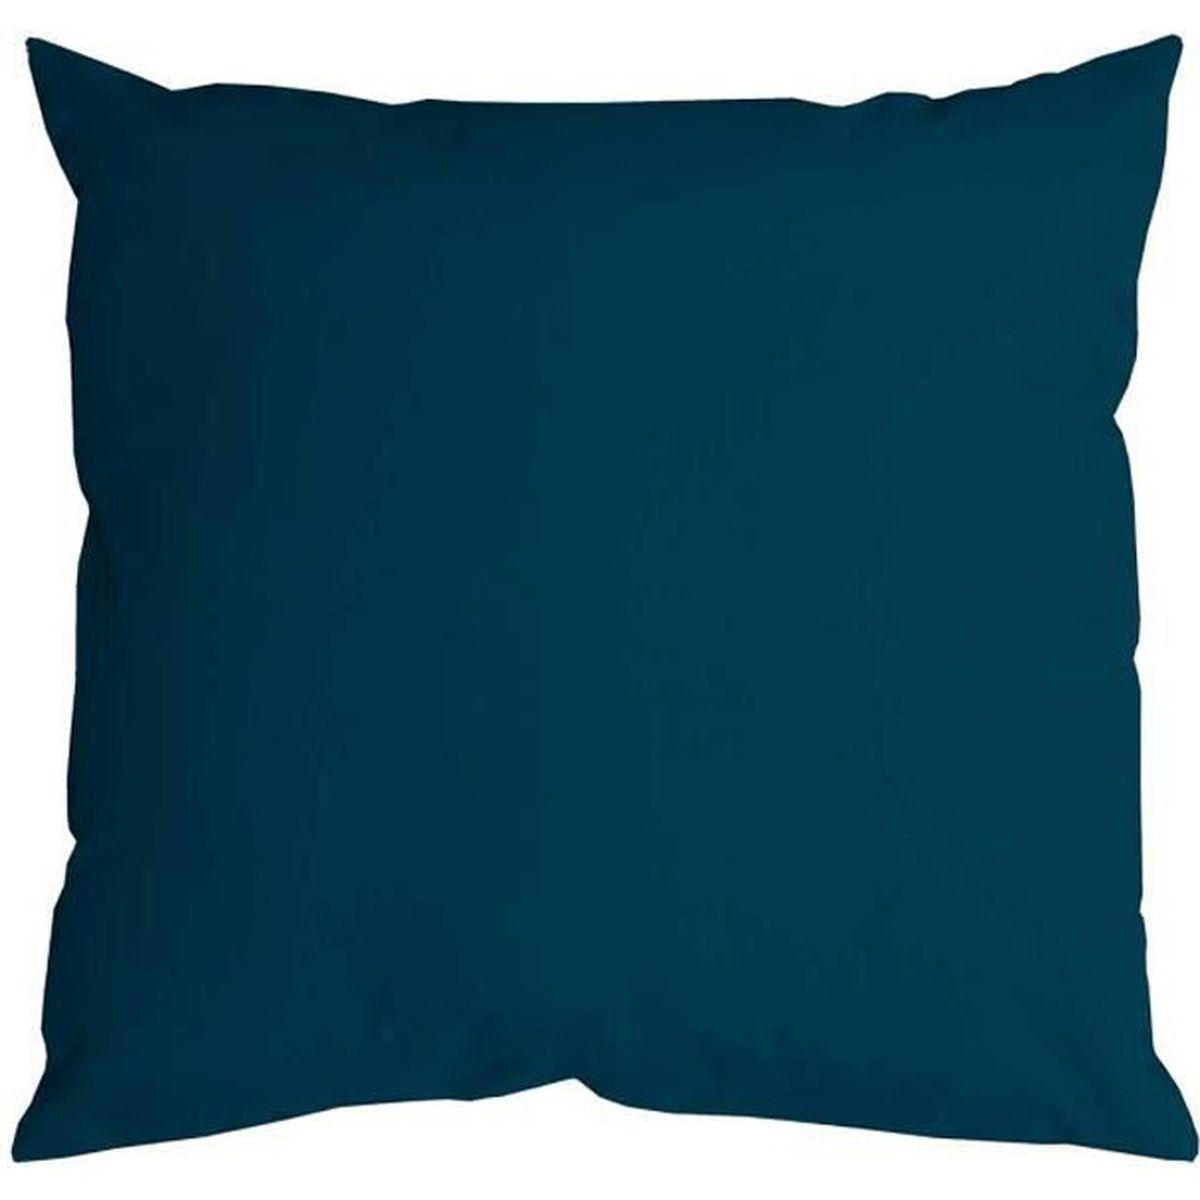 coussin uni nelson 40 x 40 cm bleu canard achat vente coussin soldes d s le 10 janvier. Black Bedroom Furniture Sets. Home Design Ideas